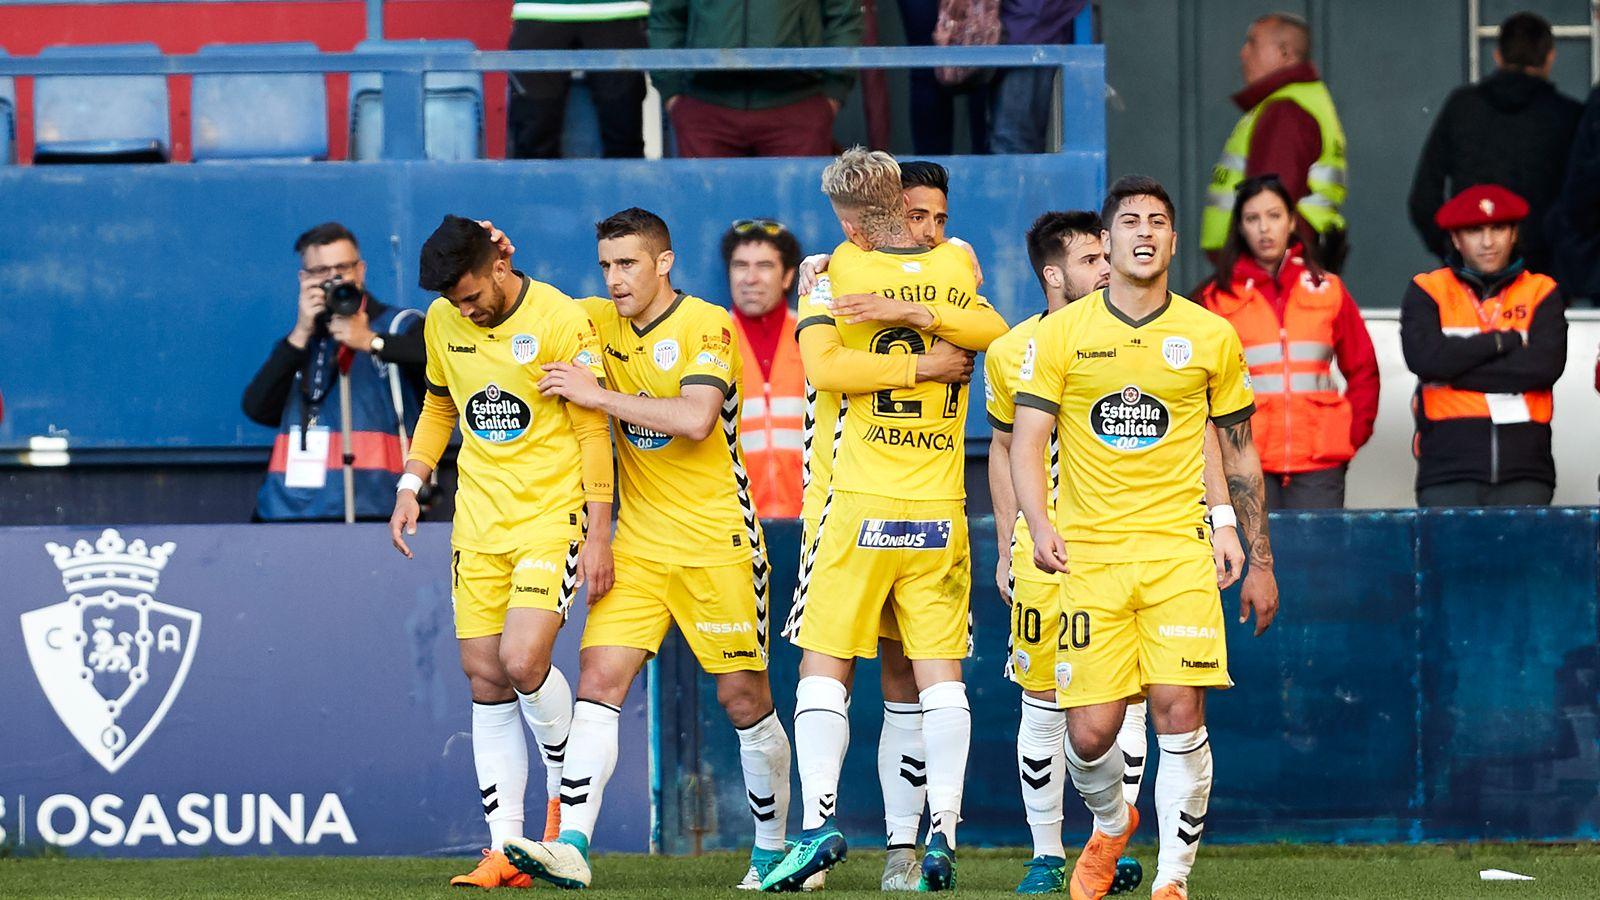 Foto: Jugadores del CD Lugo celebran un gol. (Europa Press)